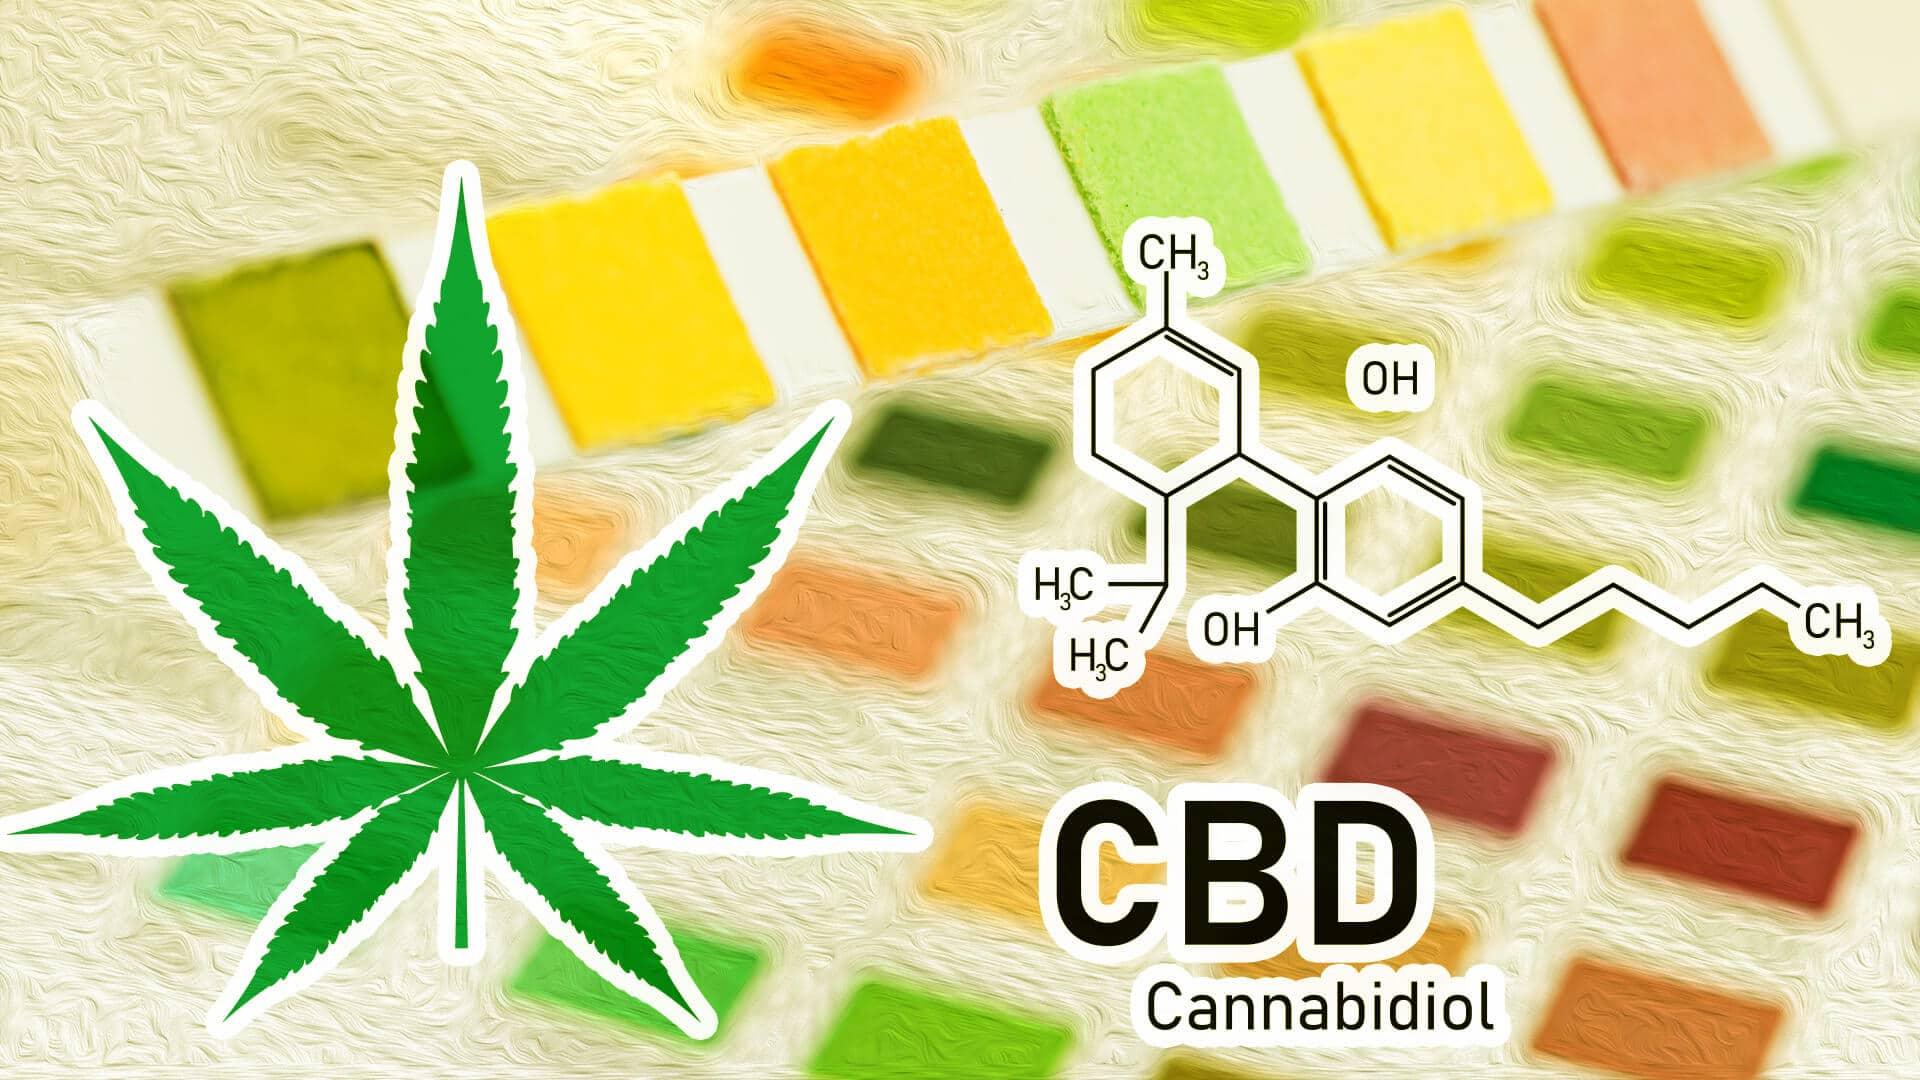 Est-ce que le CBD est une drogue